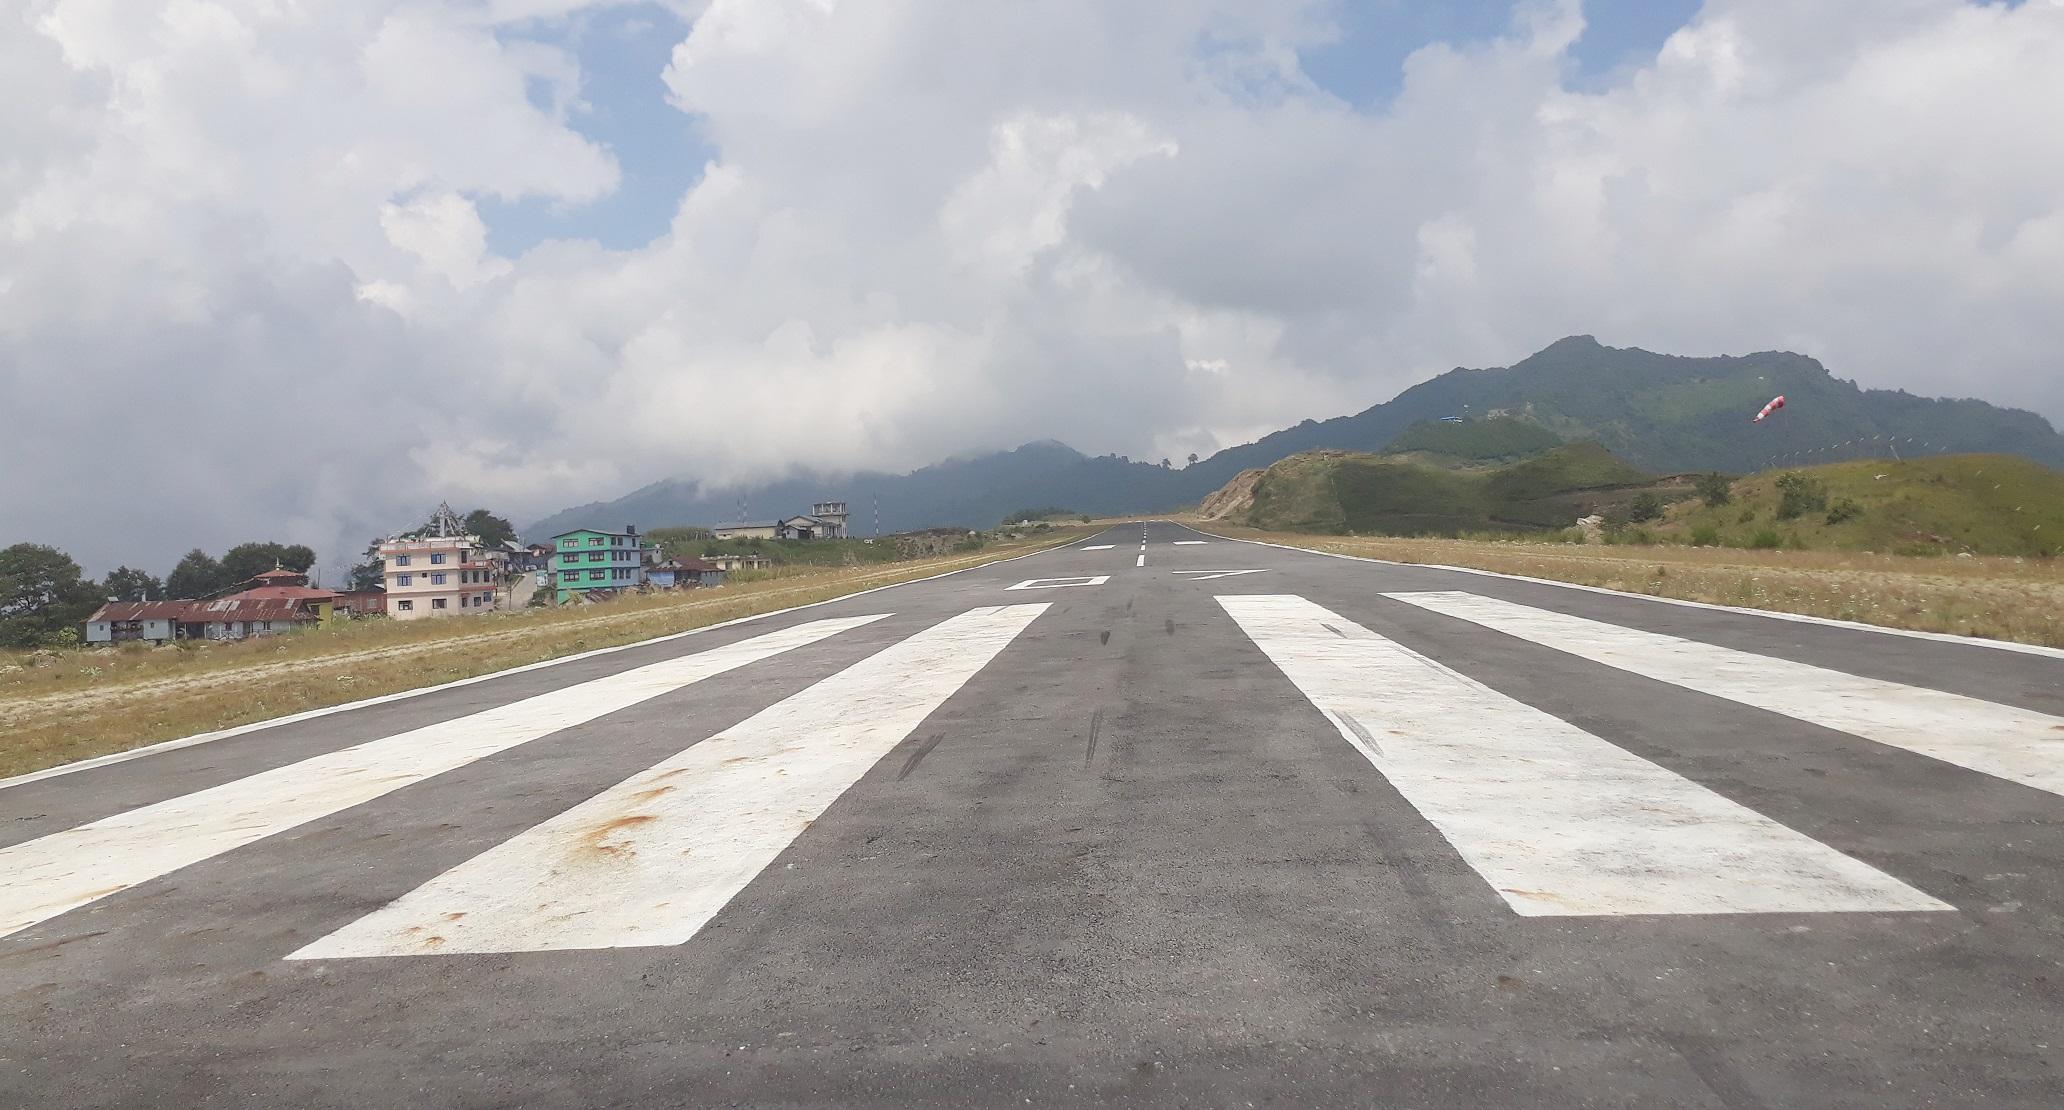 ताप्लेजुङका २९ वटा आयोजनालाई बजेट, कुनले कति पाए बजेट ?